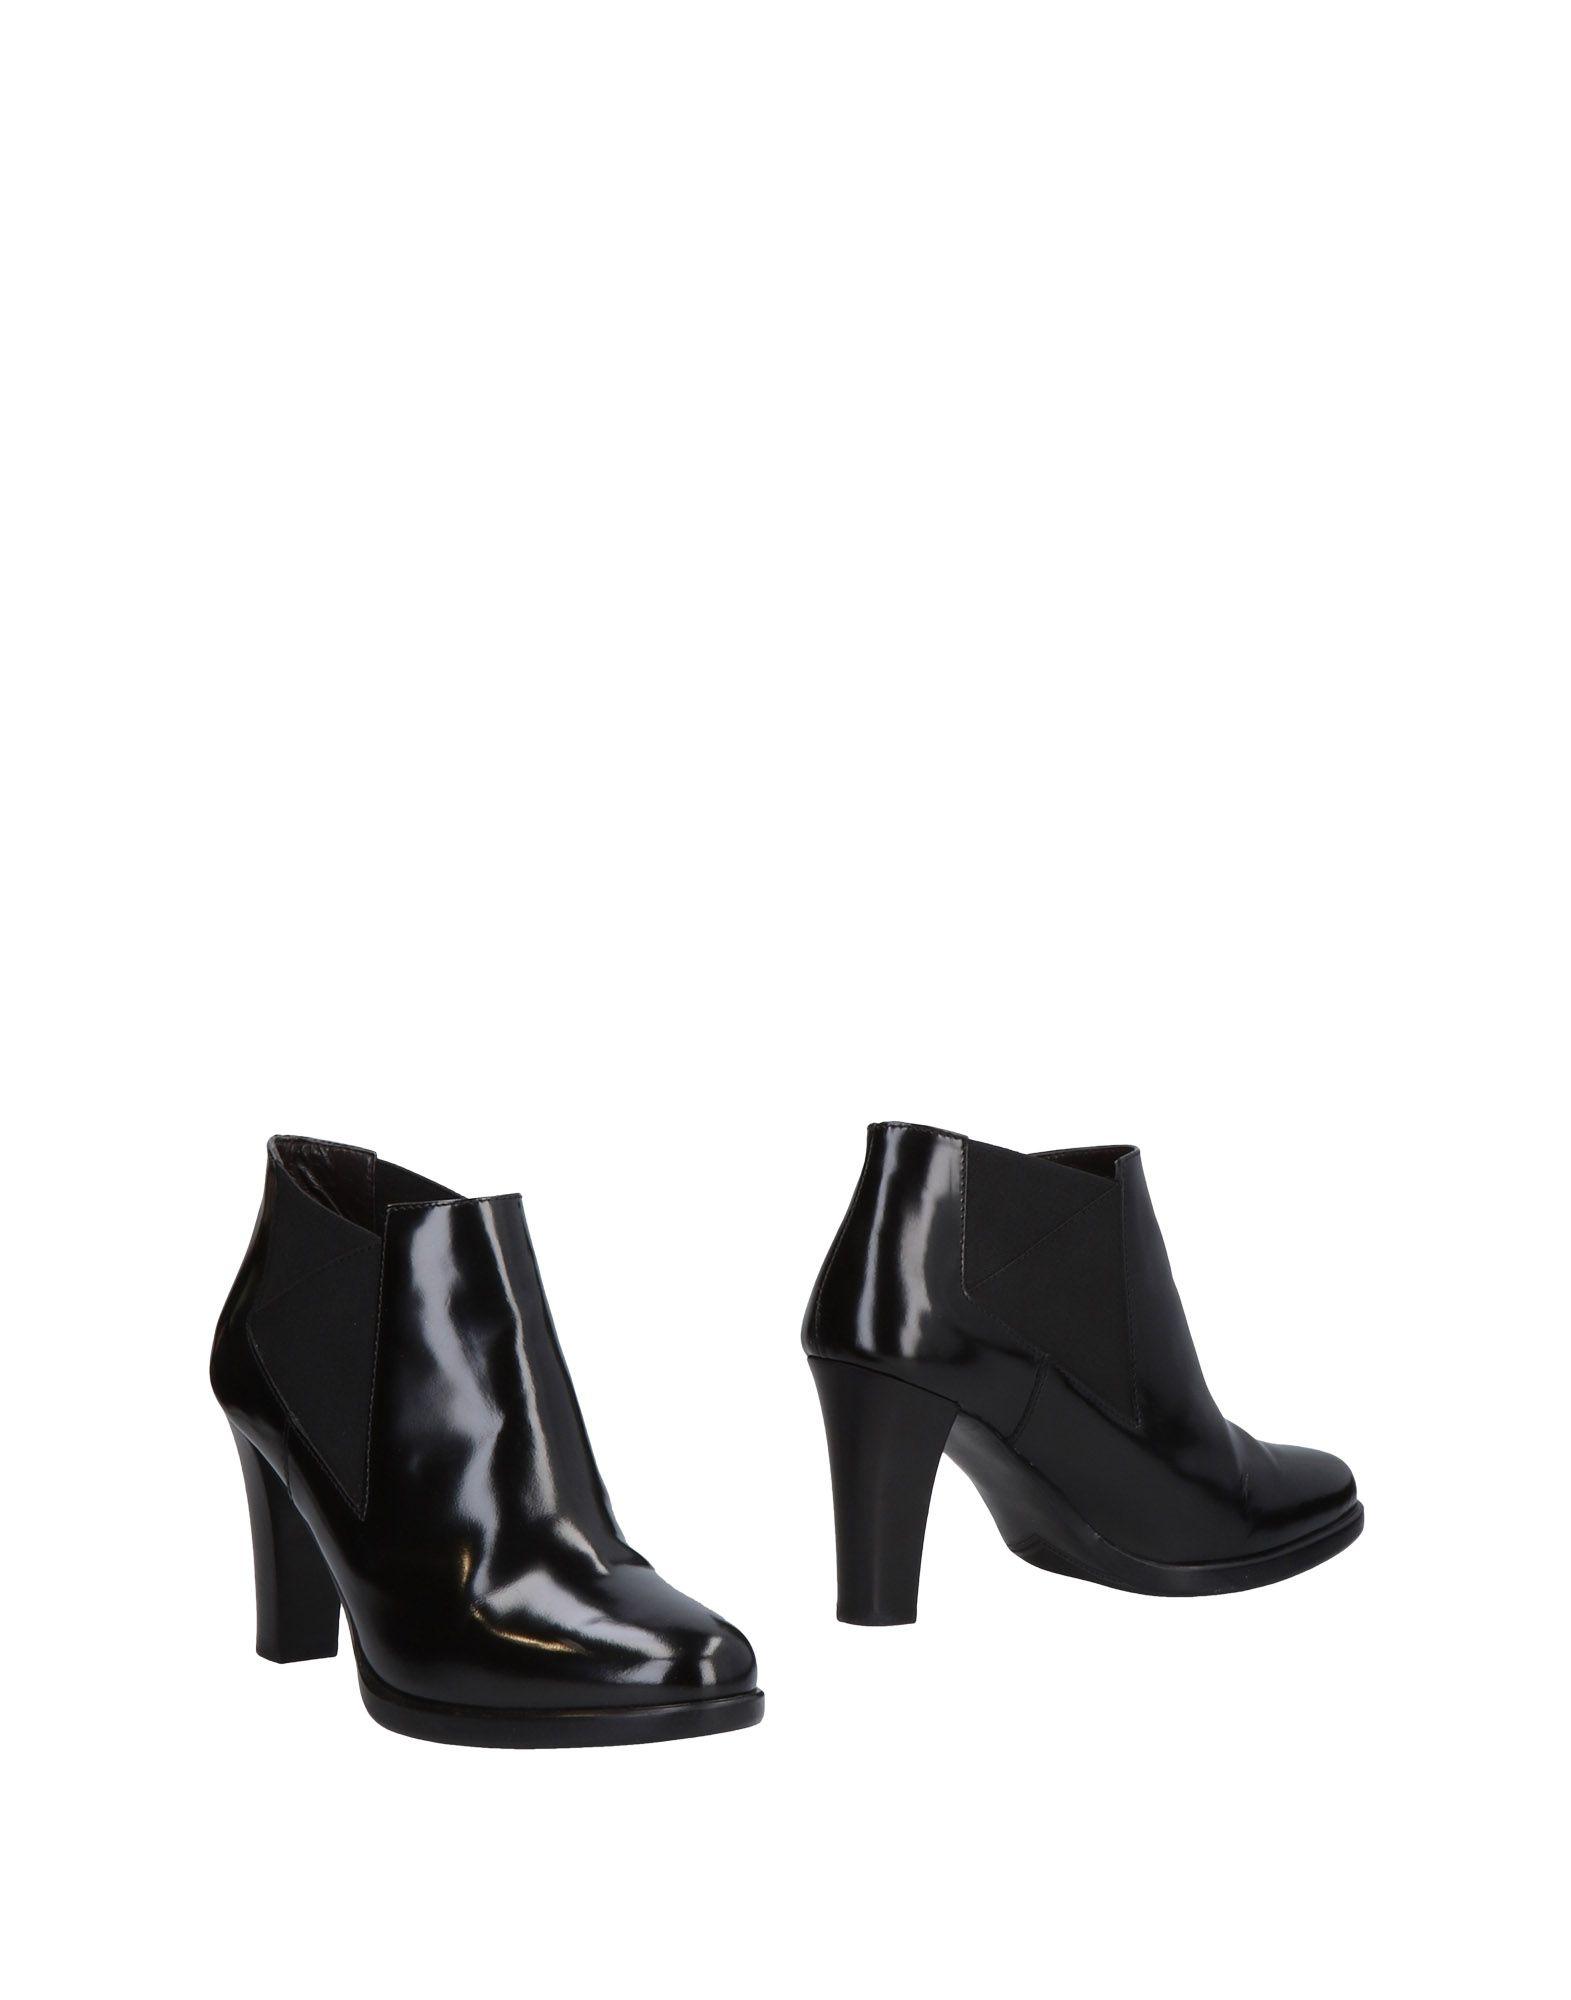 Triver Flight Stiefelette Damen Schuhe 11468907GN Gute Qualität beliebte Schuhe Damen f1258e